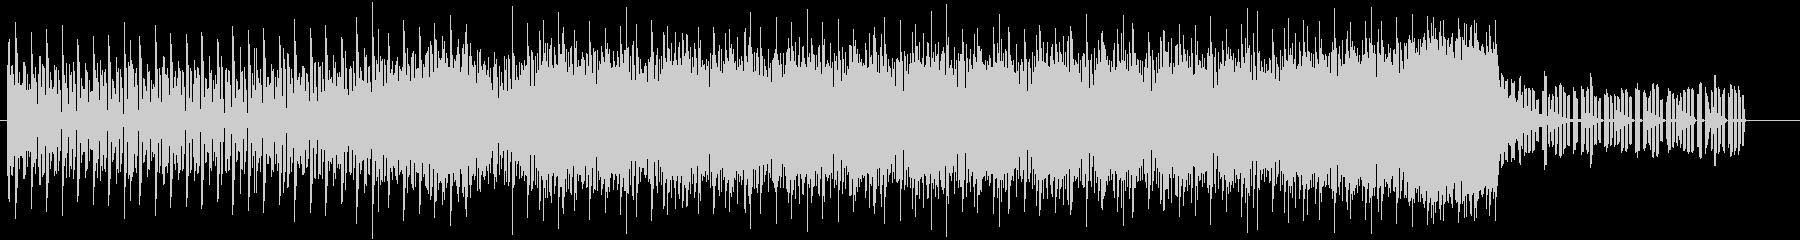 エレクトロ風のBGMの未再生の波形